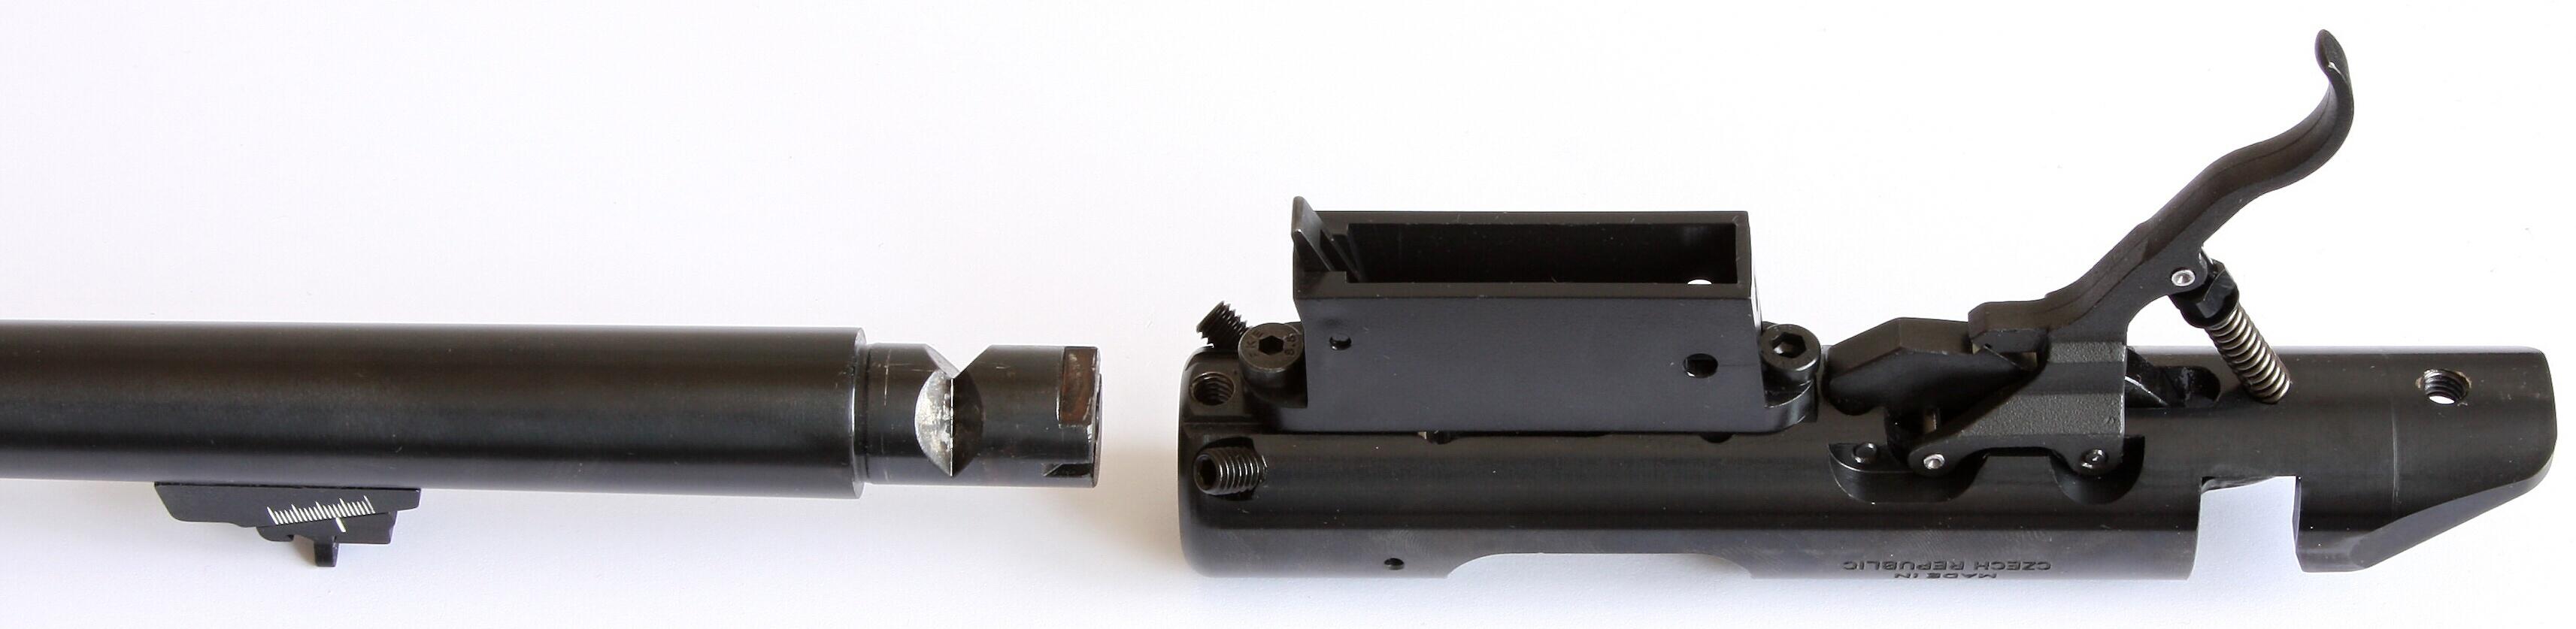 Zadní část hlavně je upravena pro rychlou výměnu a snadnou montáž  do pouzdra závěru. Dobře jsou vidět zářezy ve tvaru v pod nábojovou  komorou a šrouby v čele pouzdra závěru.